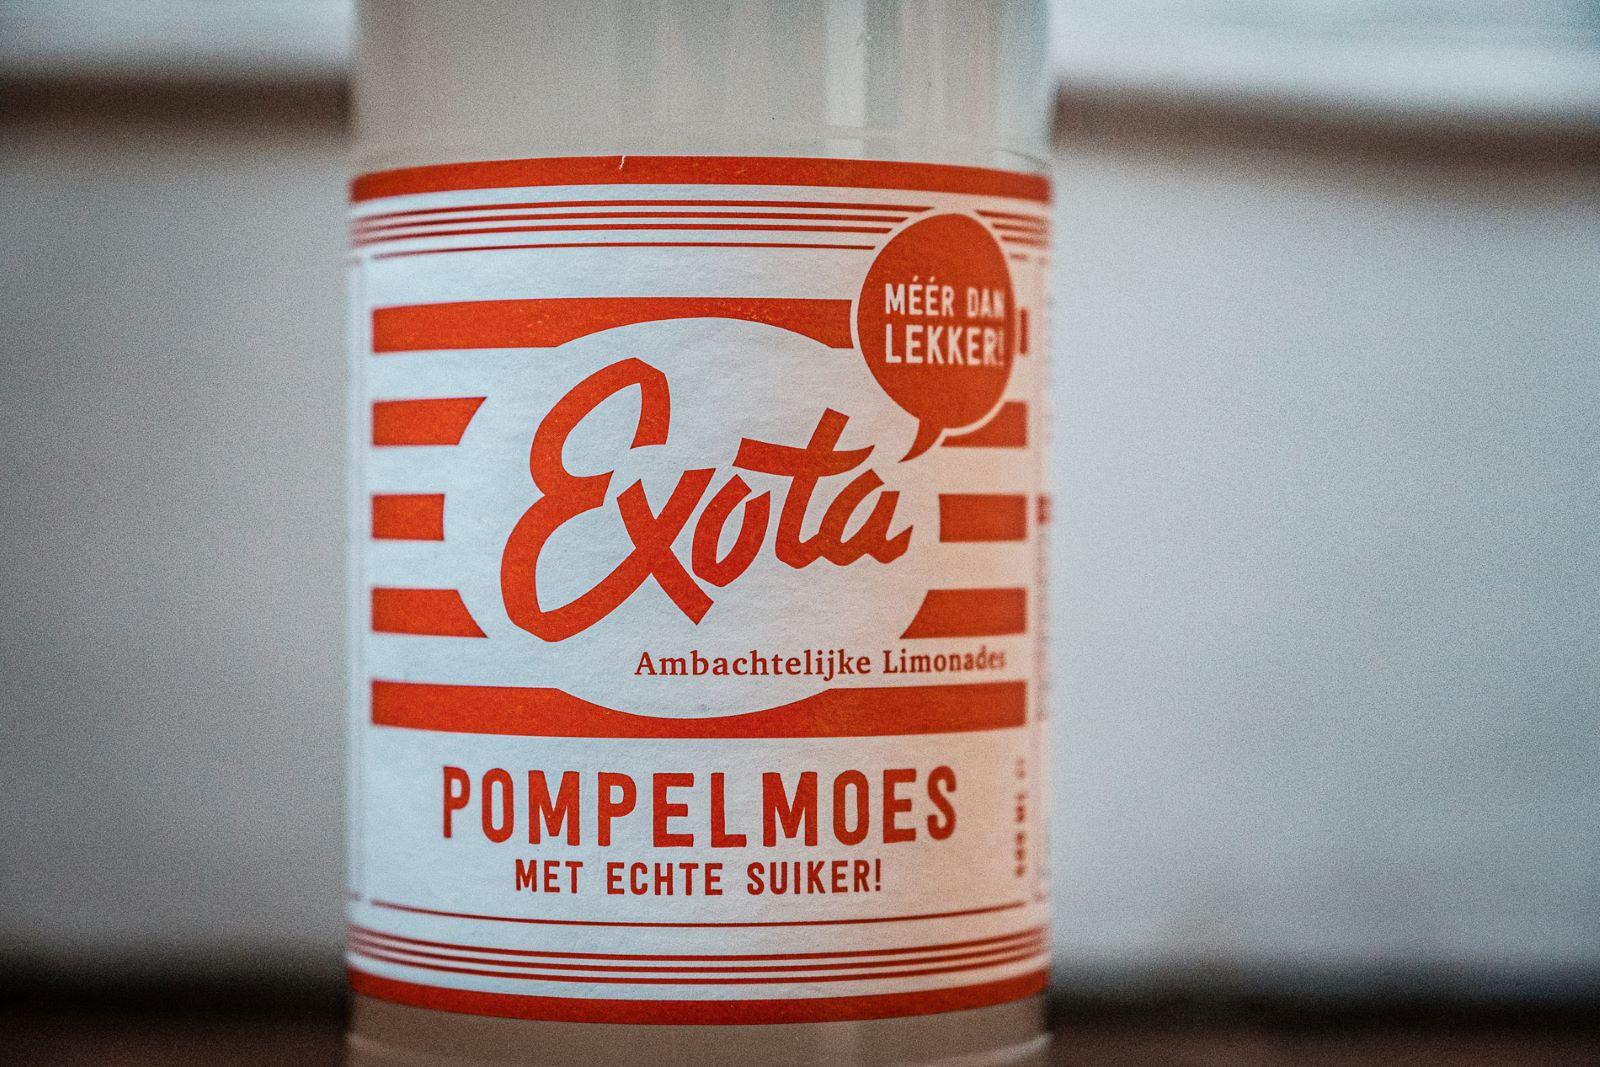 Exota limonade met echte suiker